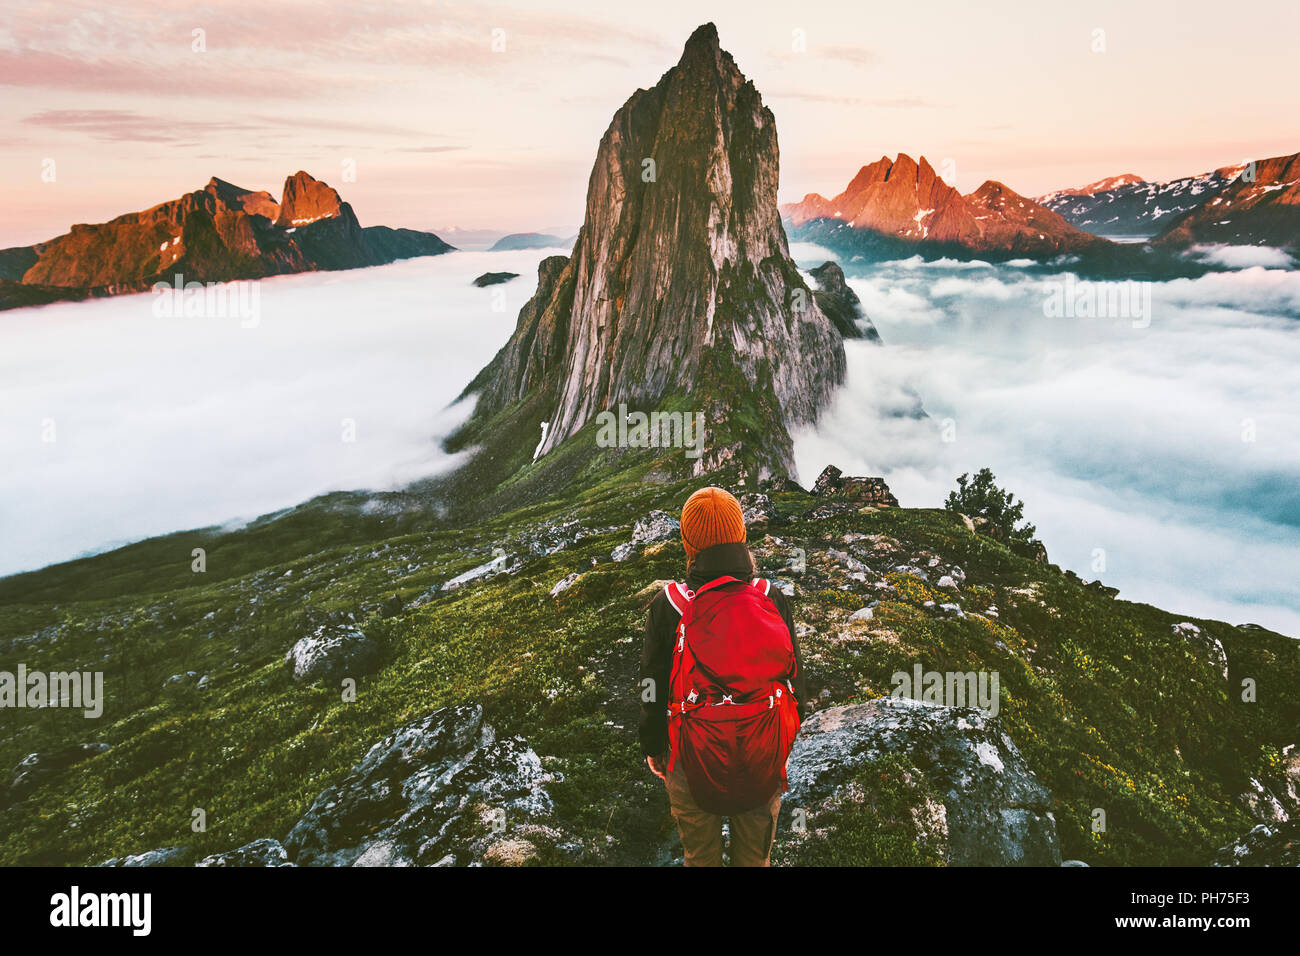 Traveler Sonnenuntergang Segla Bergwandern Abenteuer outdoor in Norwegen aktiv Ferien reisen Lifestyle Stockbild